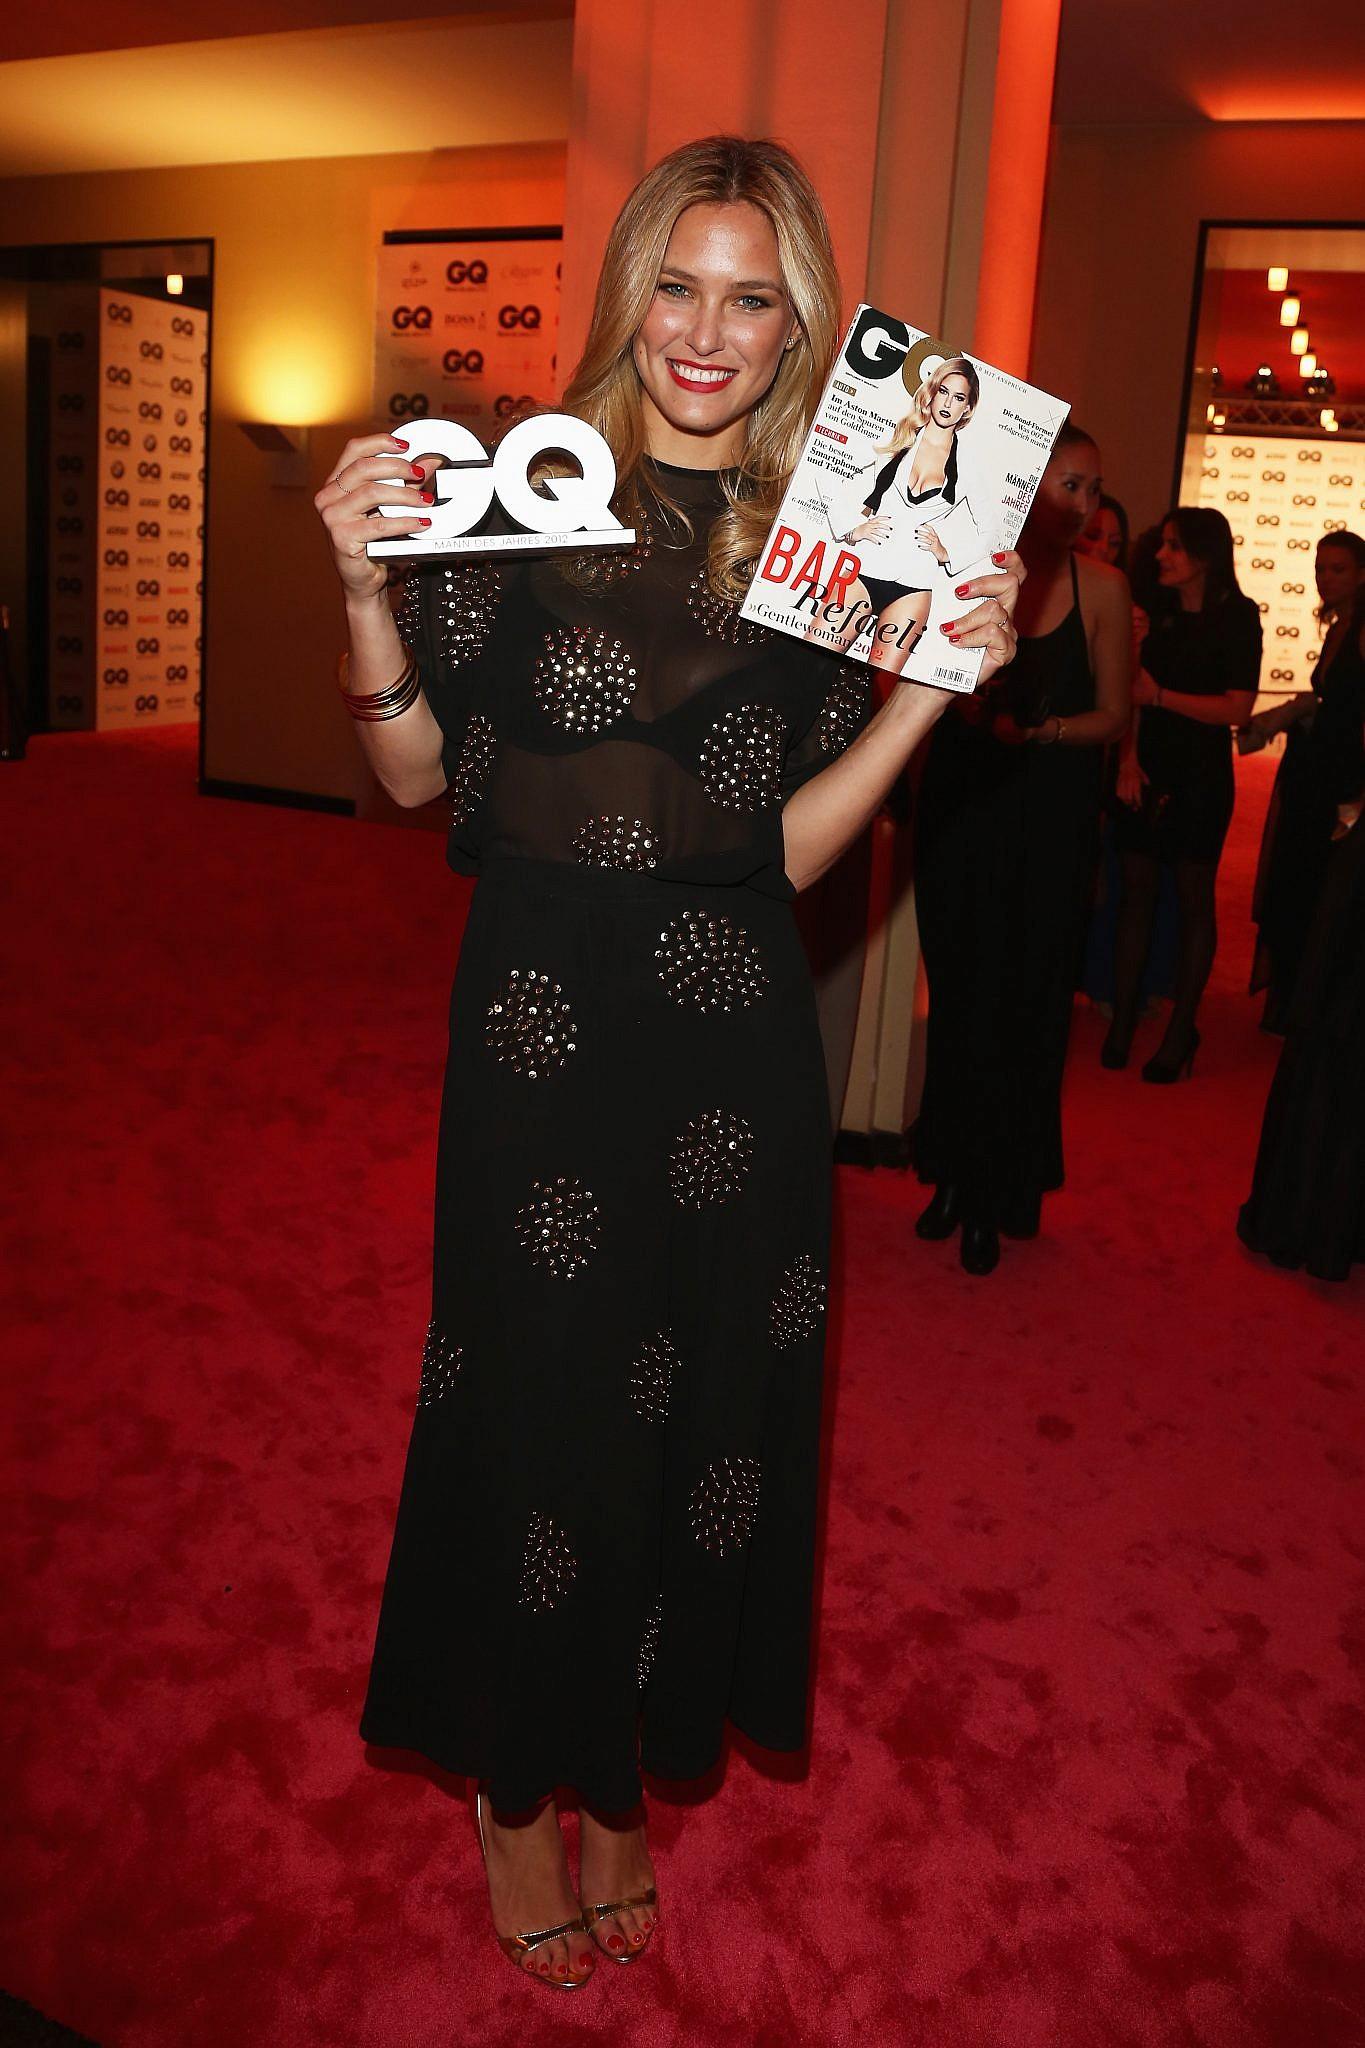 חיוך של טופמודל: רפאלי בטקס אנשי השנה של מגזין GQ, שנת 2012   צילום: Andreas Rentz/Getty Images